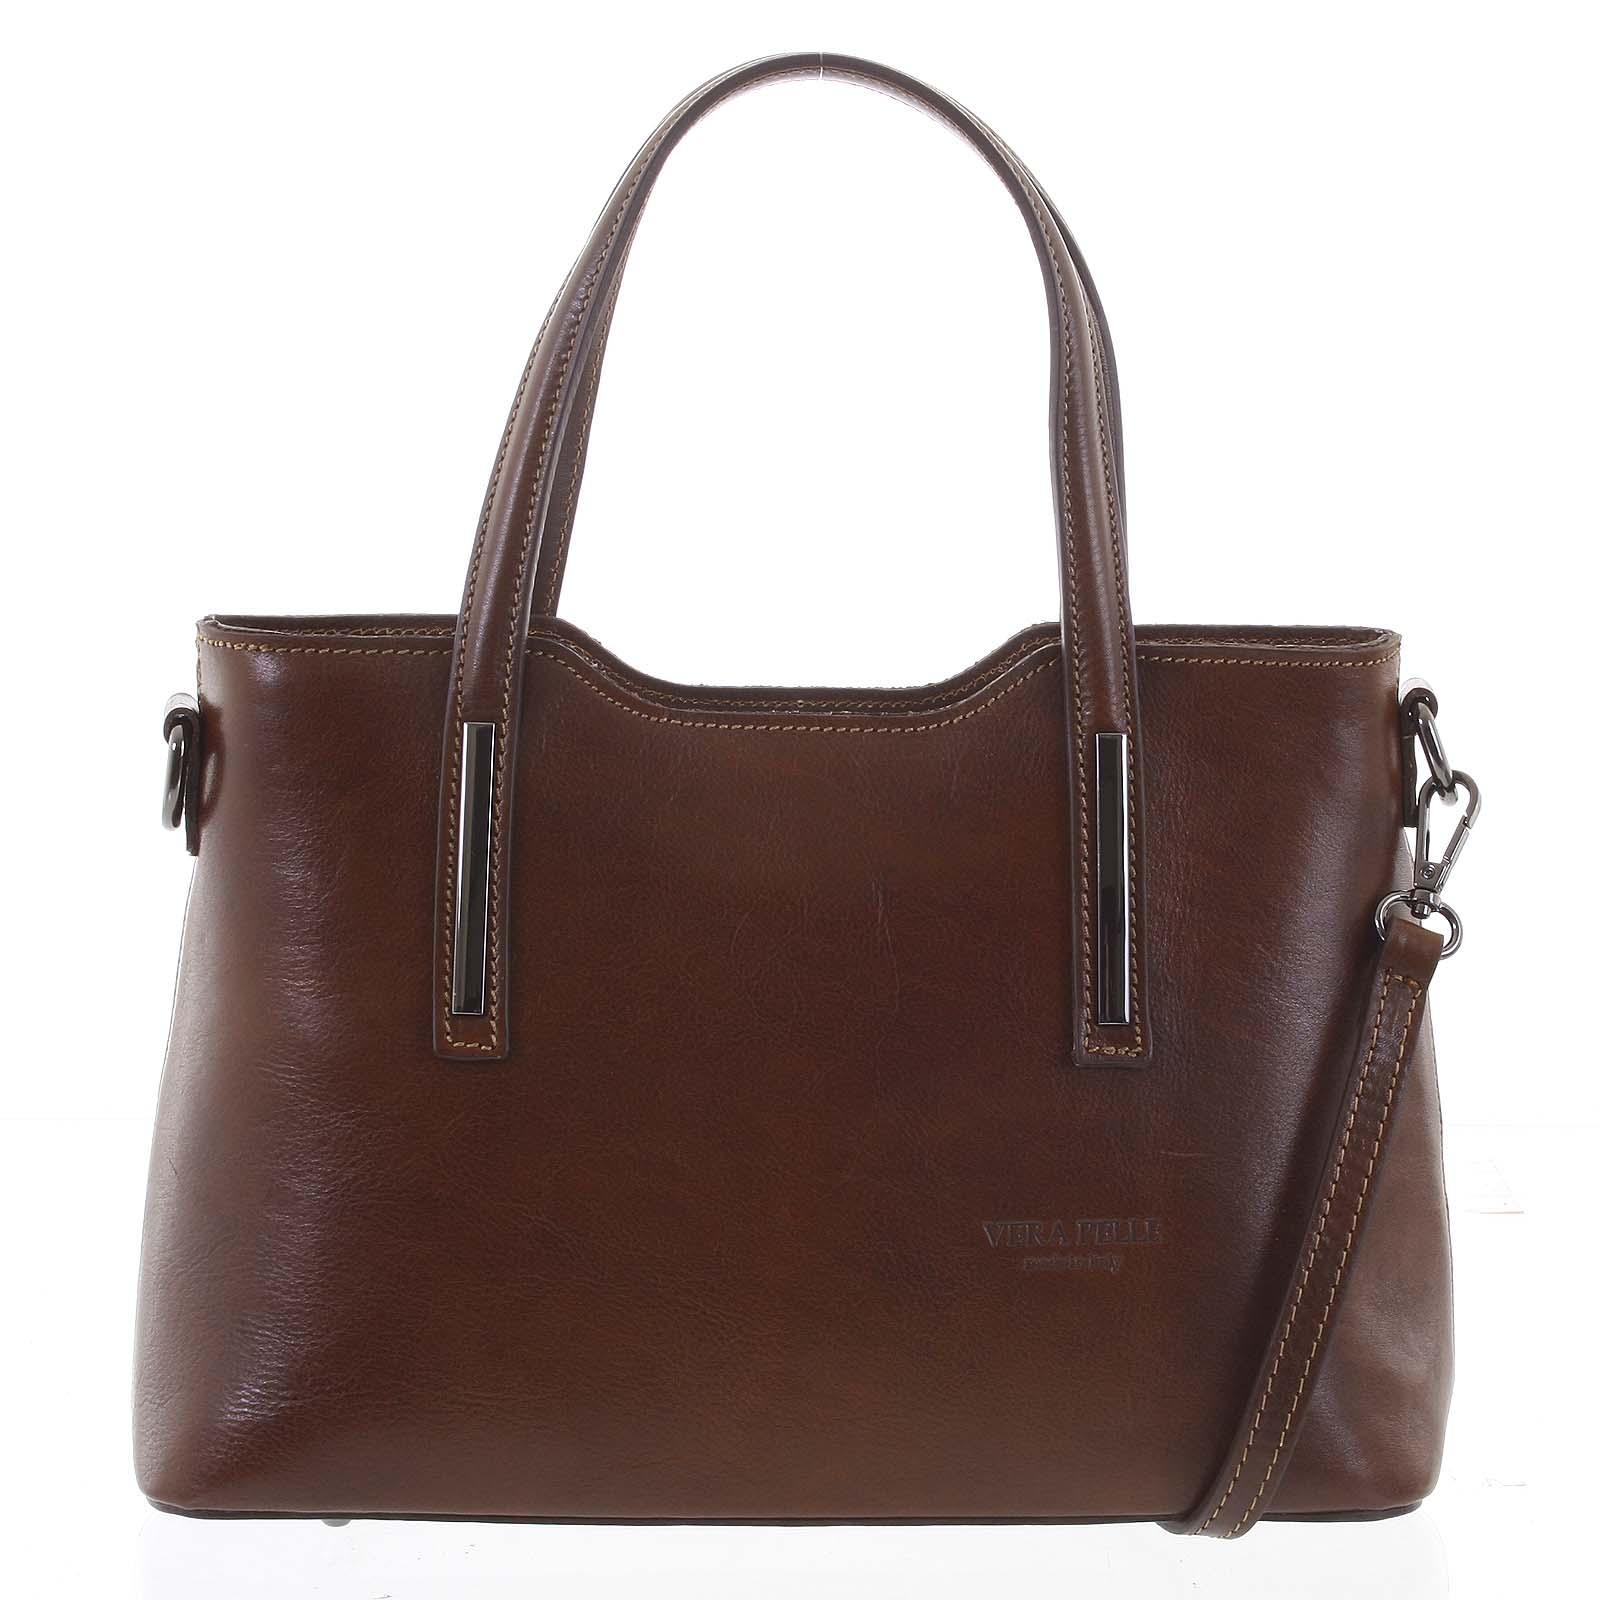 Stredná pevná kožená kabelka hnedá do ruky - ItalY Aello hnedá